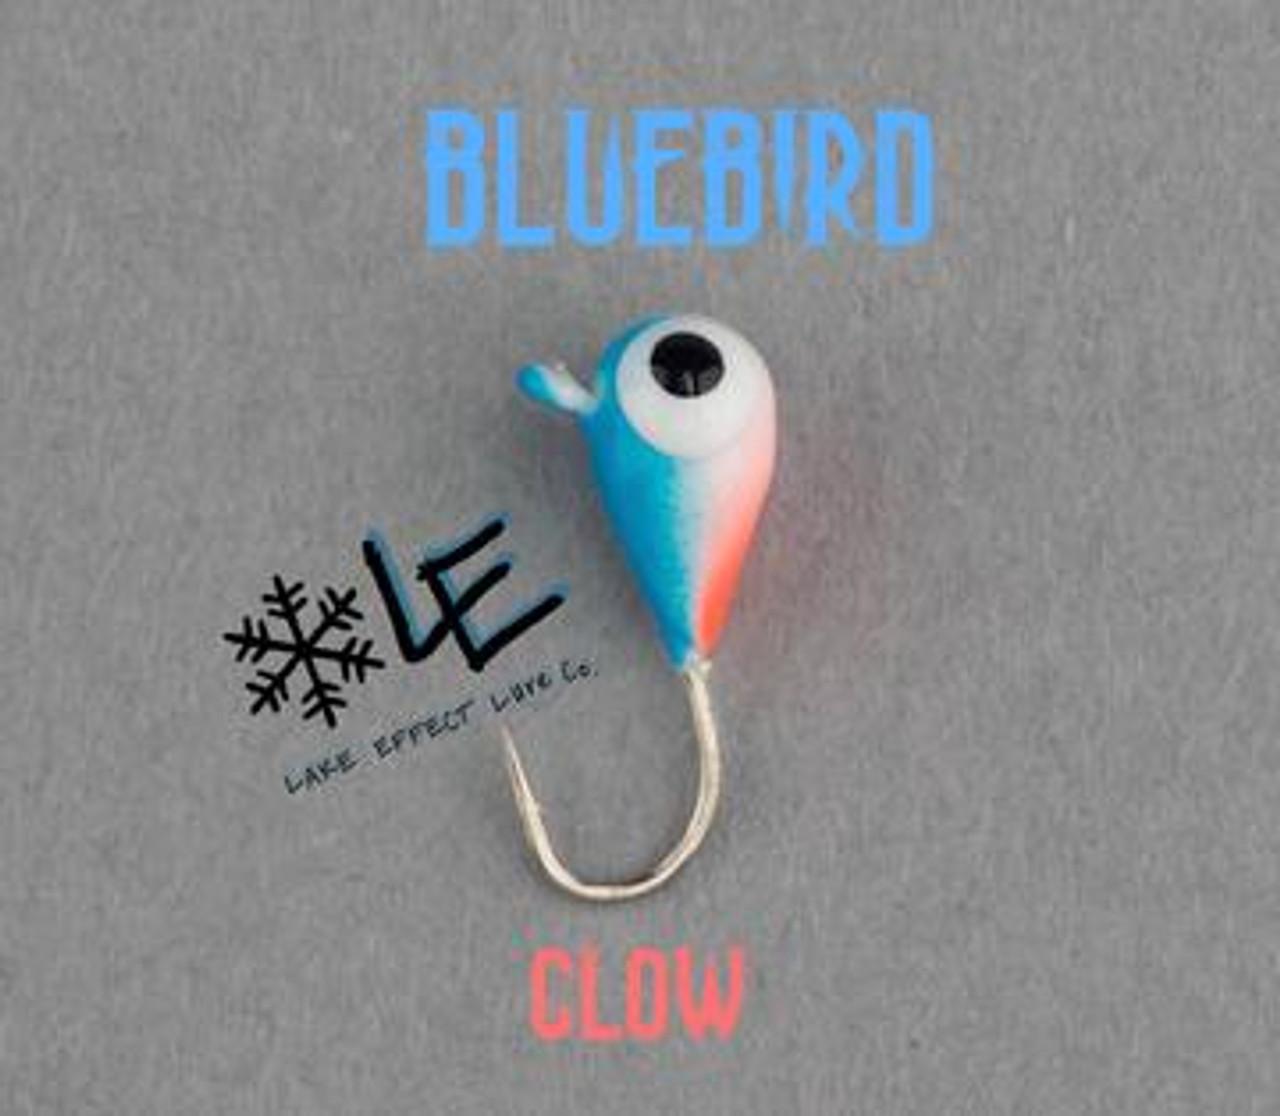 Bluebird-708